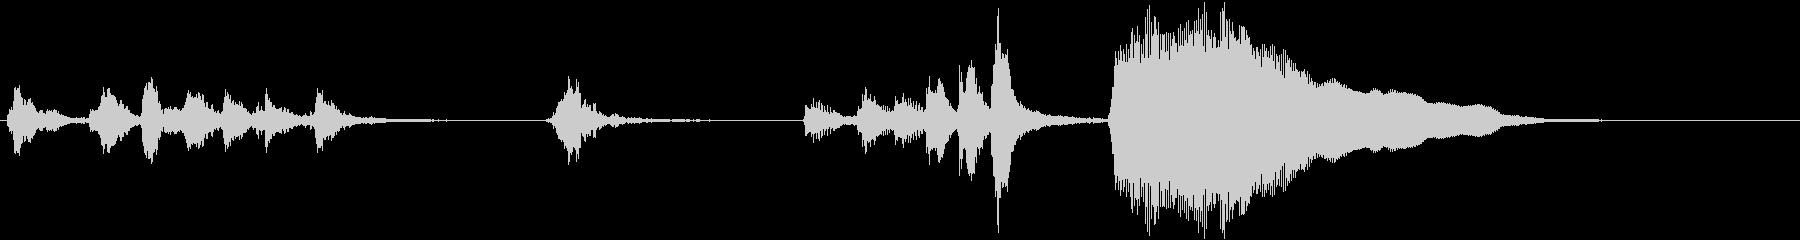 トムとジェリー風なアニメ音楽「忍び足」2の未再生の波形